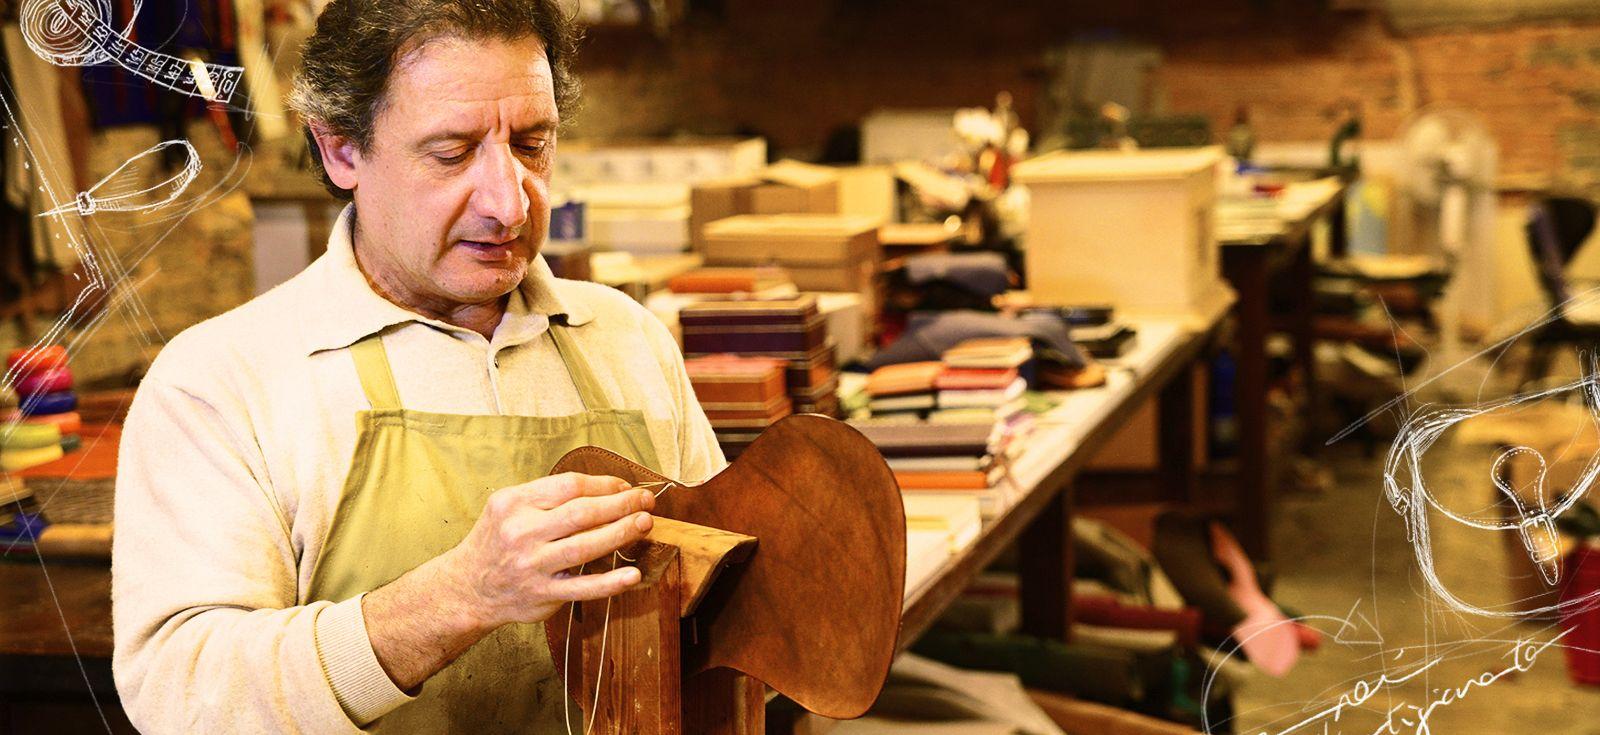 #samsungmaestros -  Segui la lezione numero 7 di S. Parrini, il maestro del cuoio conosciuto in tutto il mondo, che fa della pelletteria una forma d'arte. Solo su Samsung Maestros Academy.